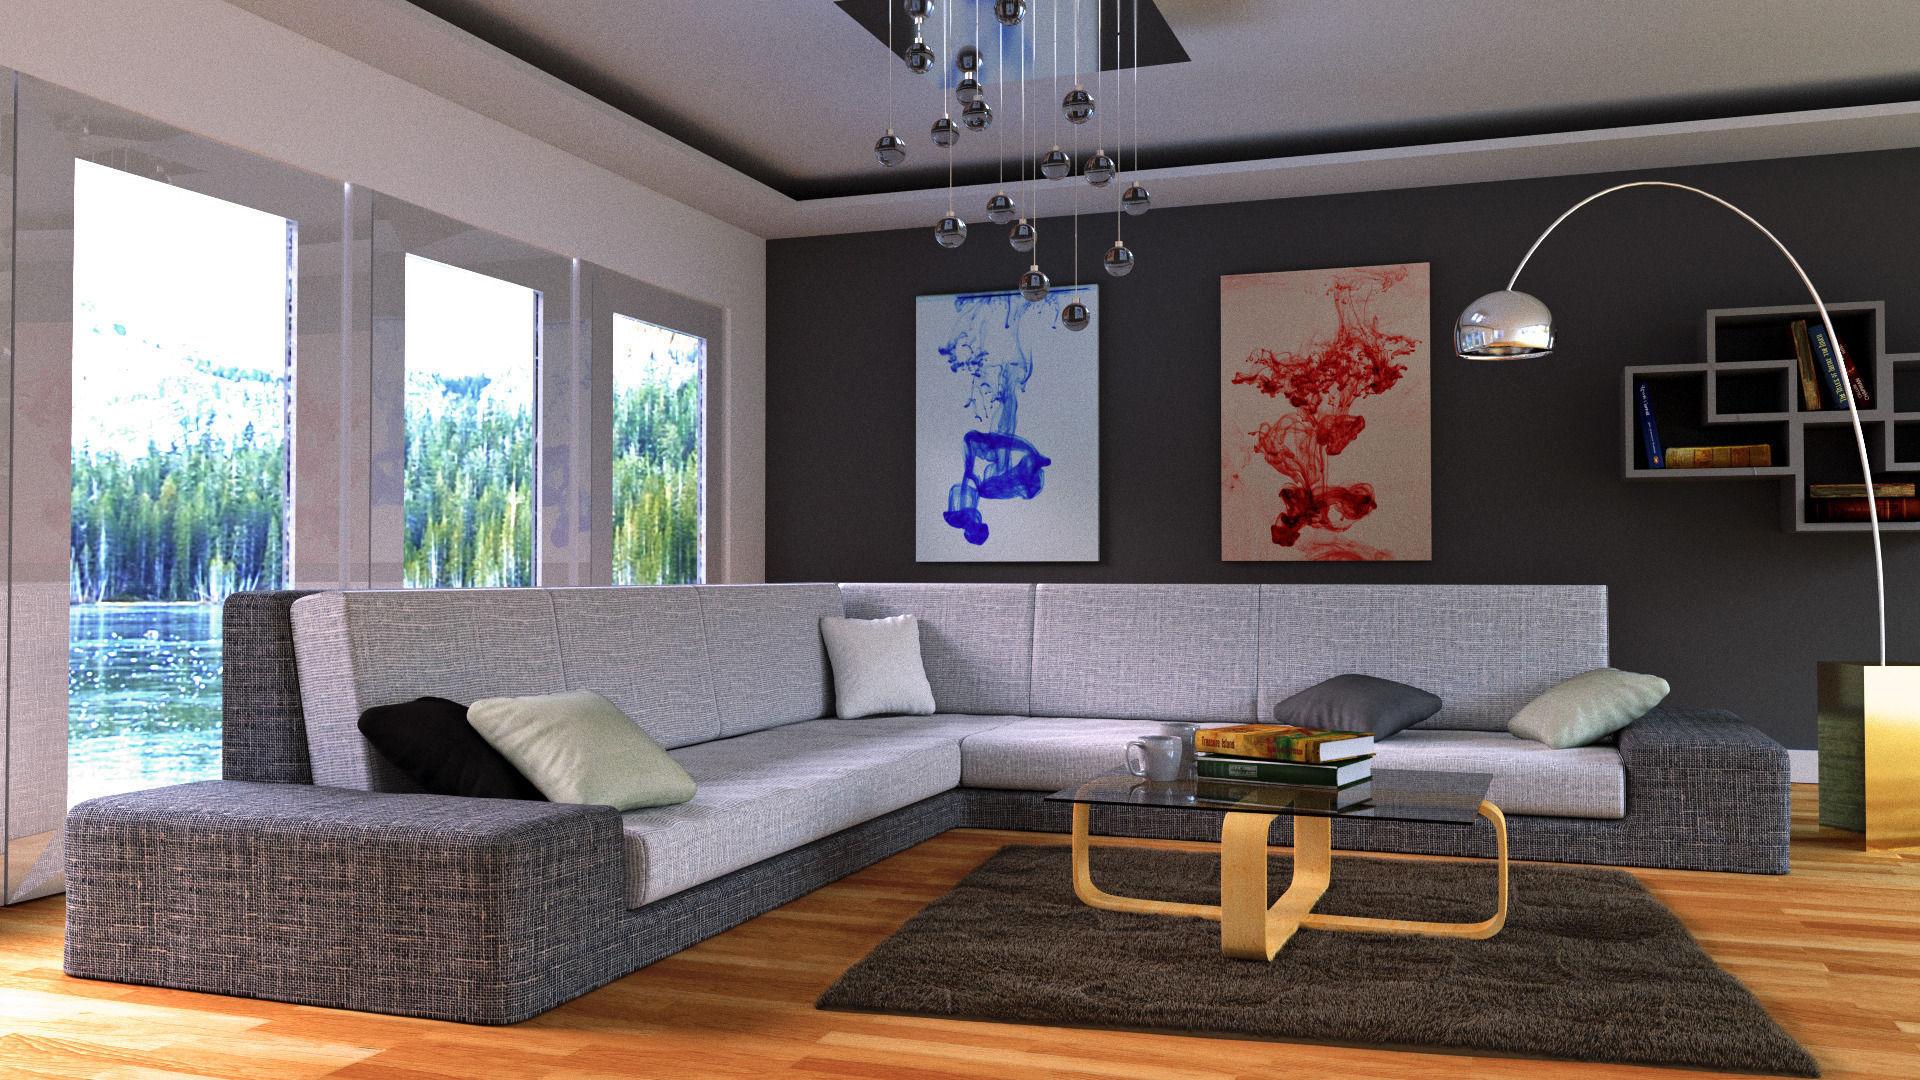 3D Model Lounge Room Day And Night Scene Blender Models VR AR